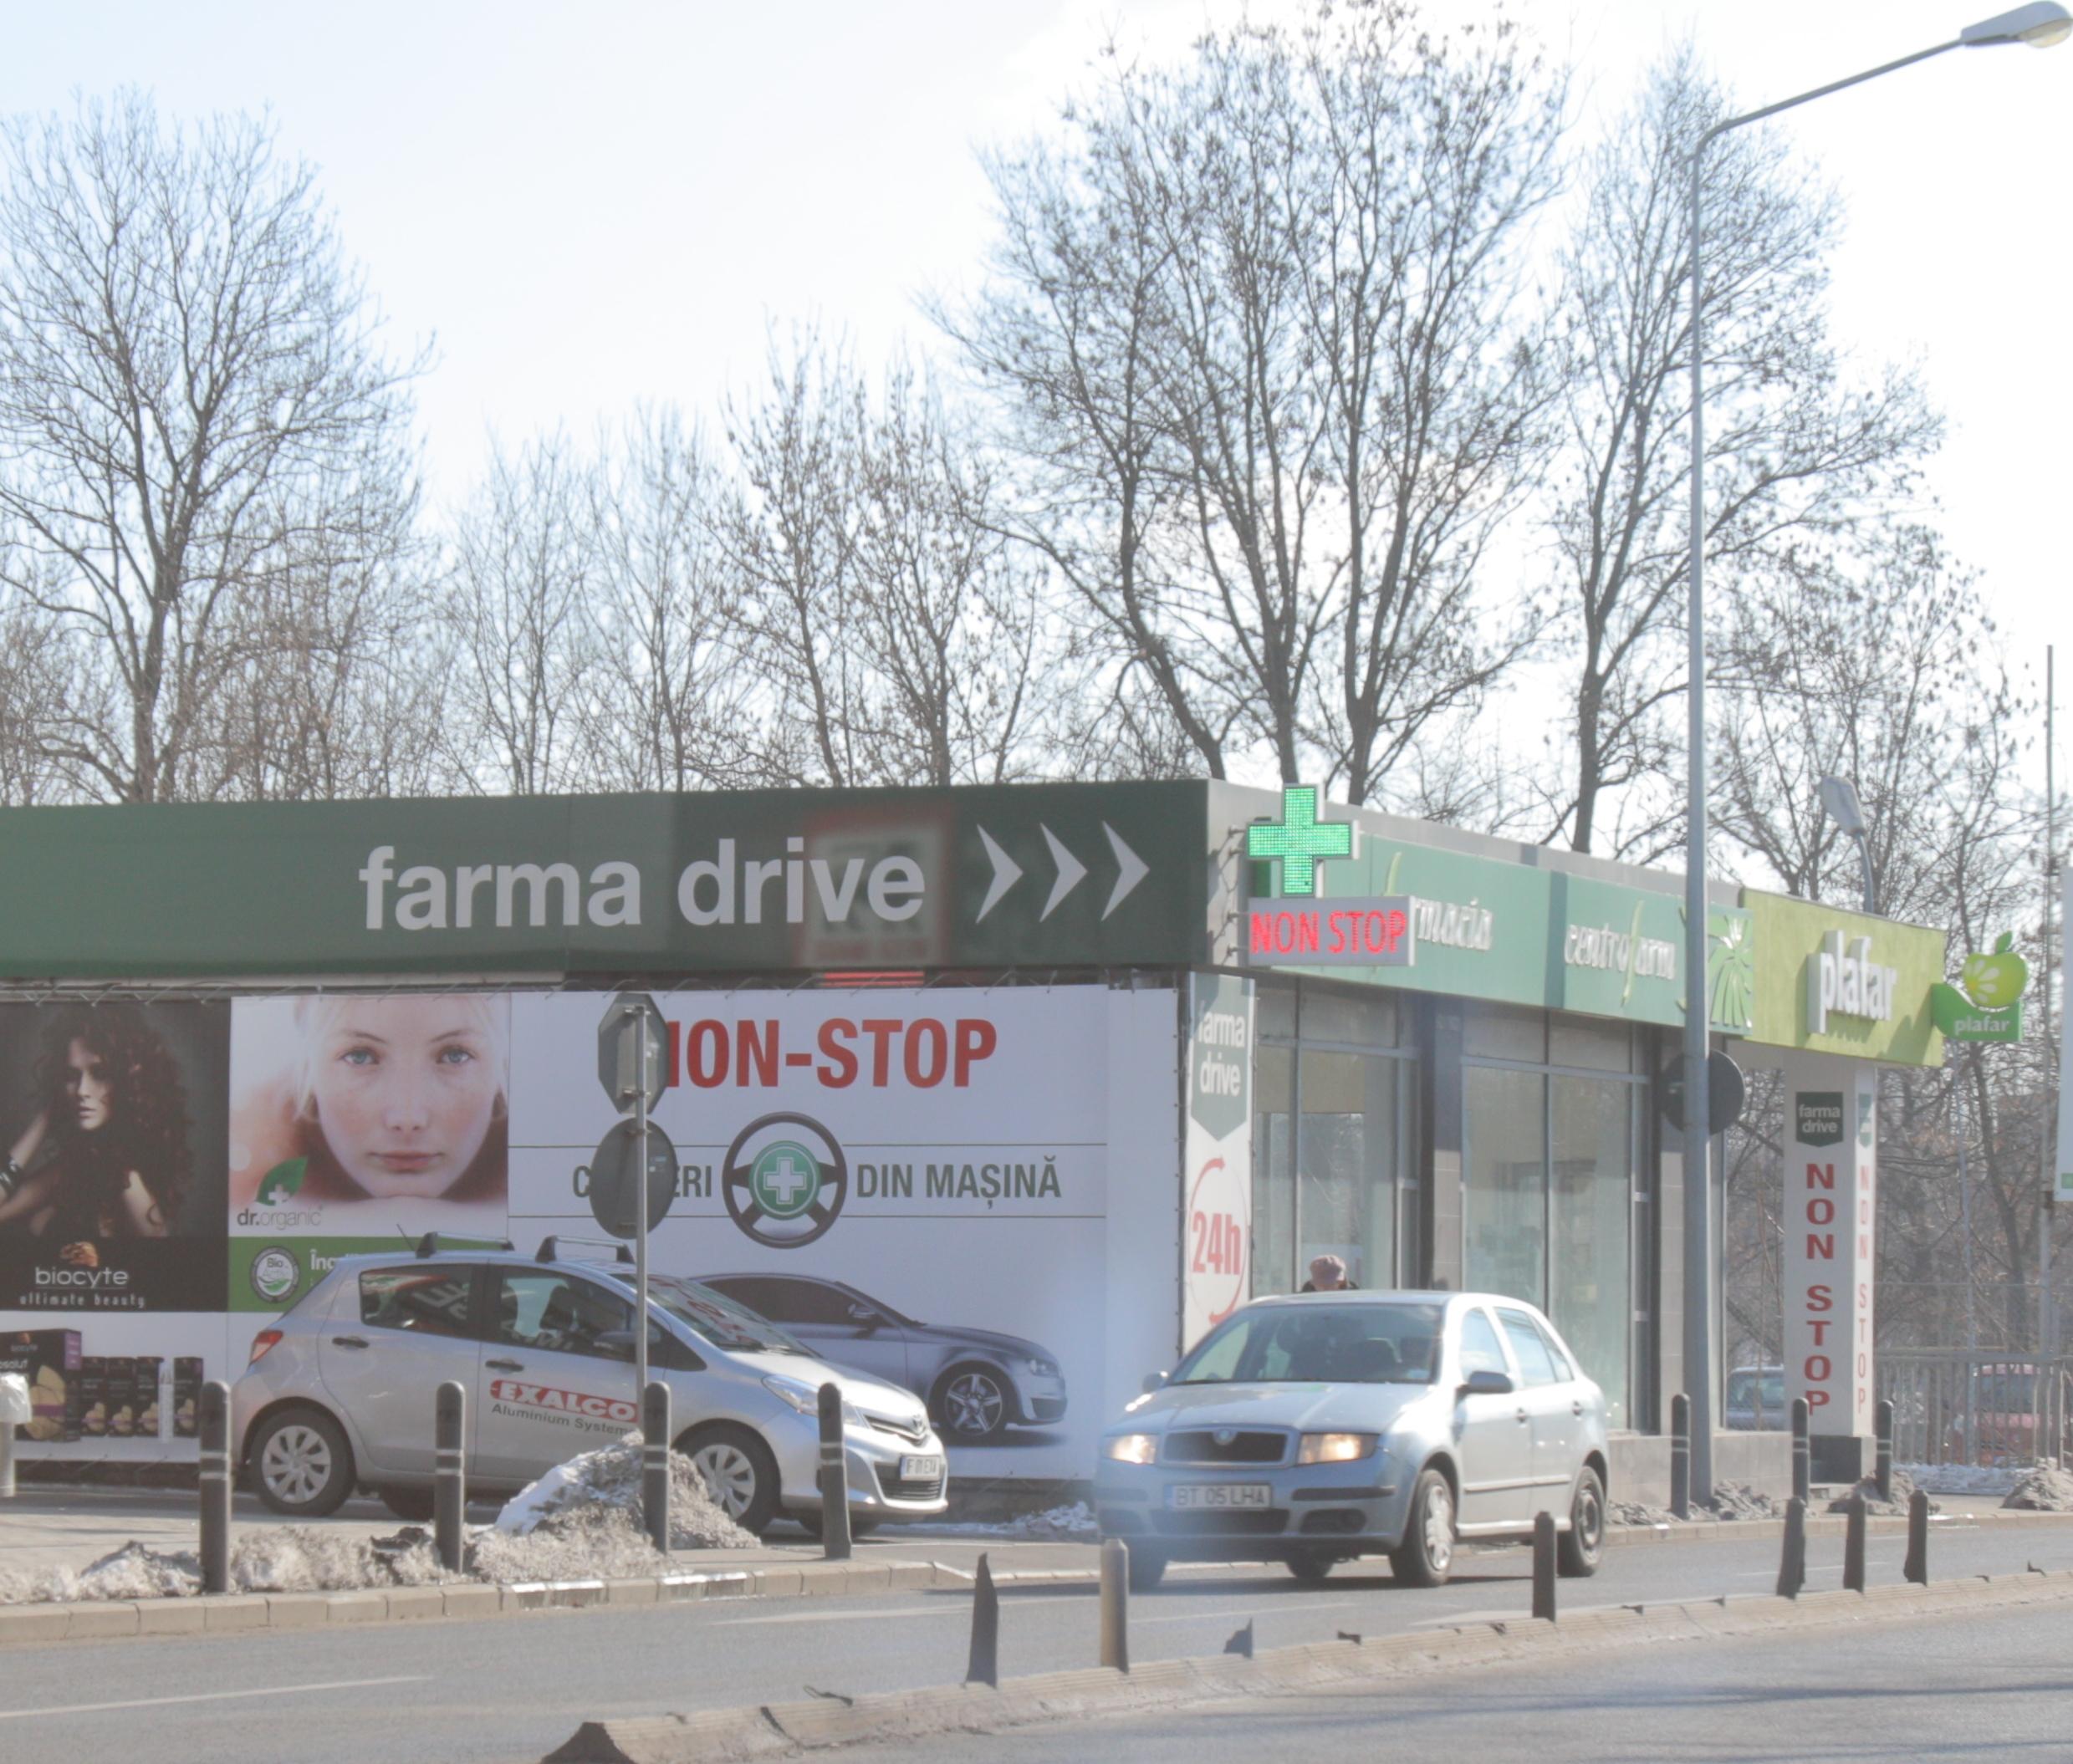 Farmacia cu drive-in este situata in zona Nordului din Capitala, la doi pasi de Parcul Herastrau